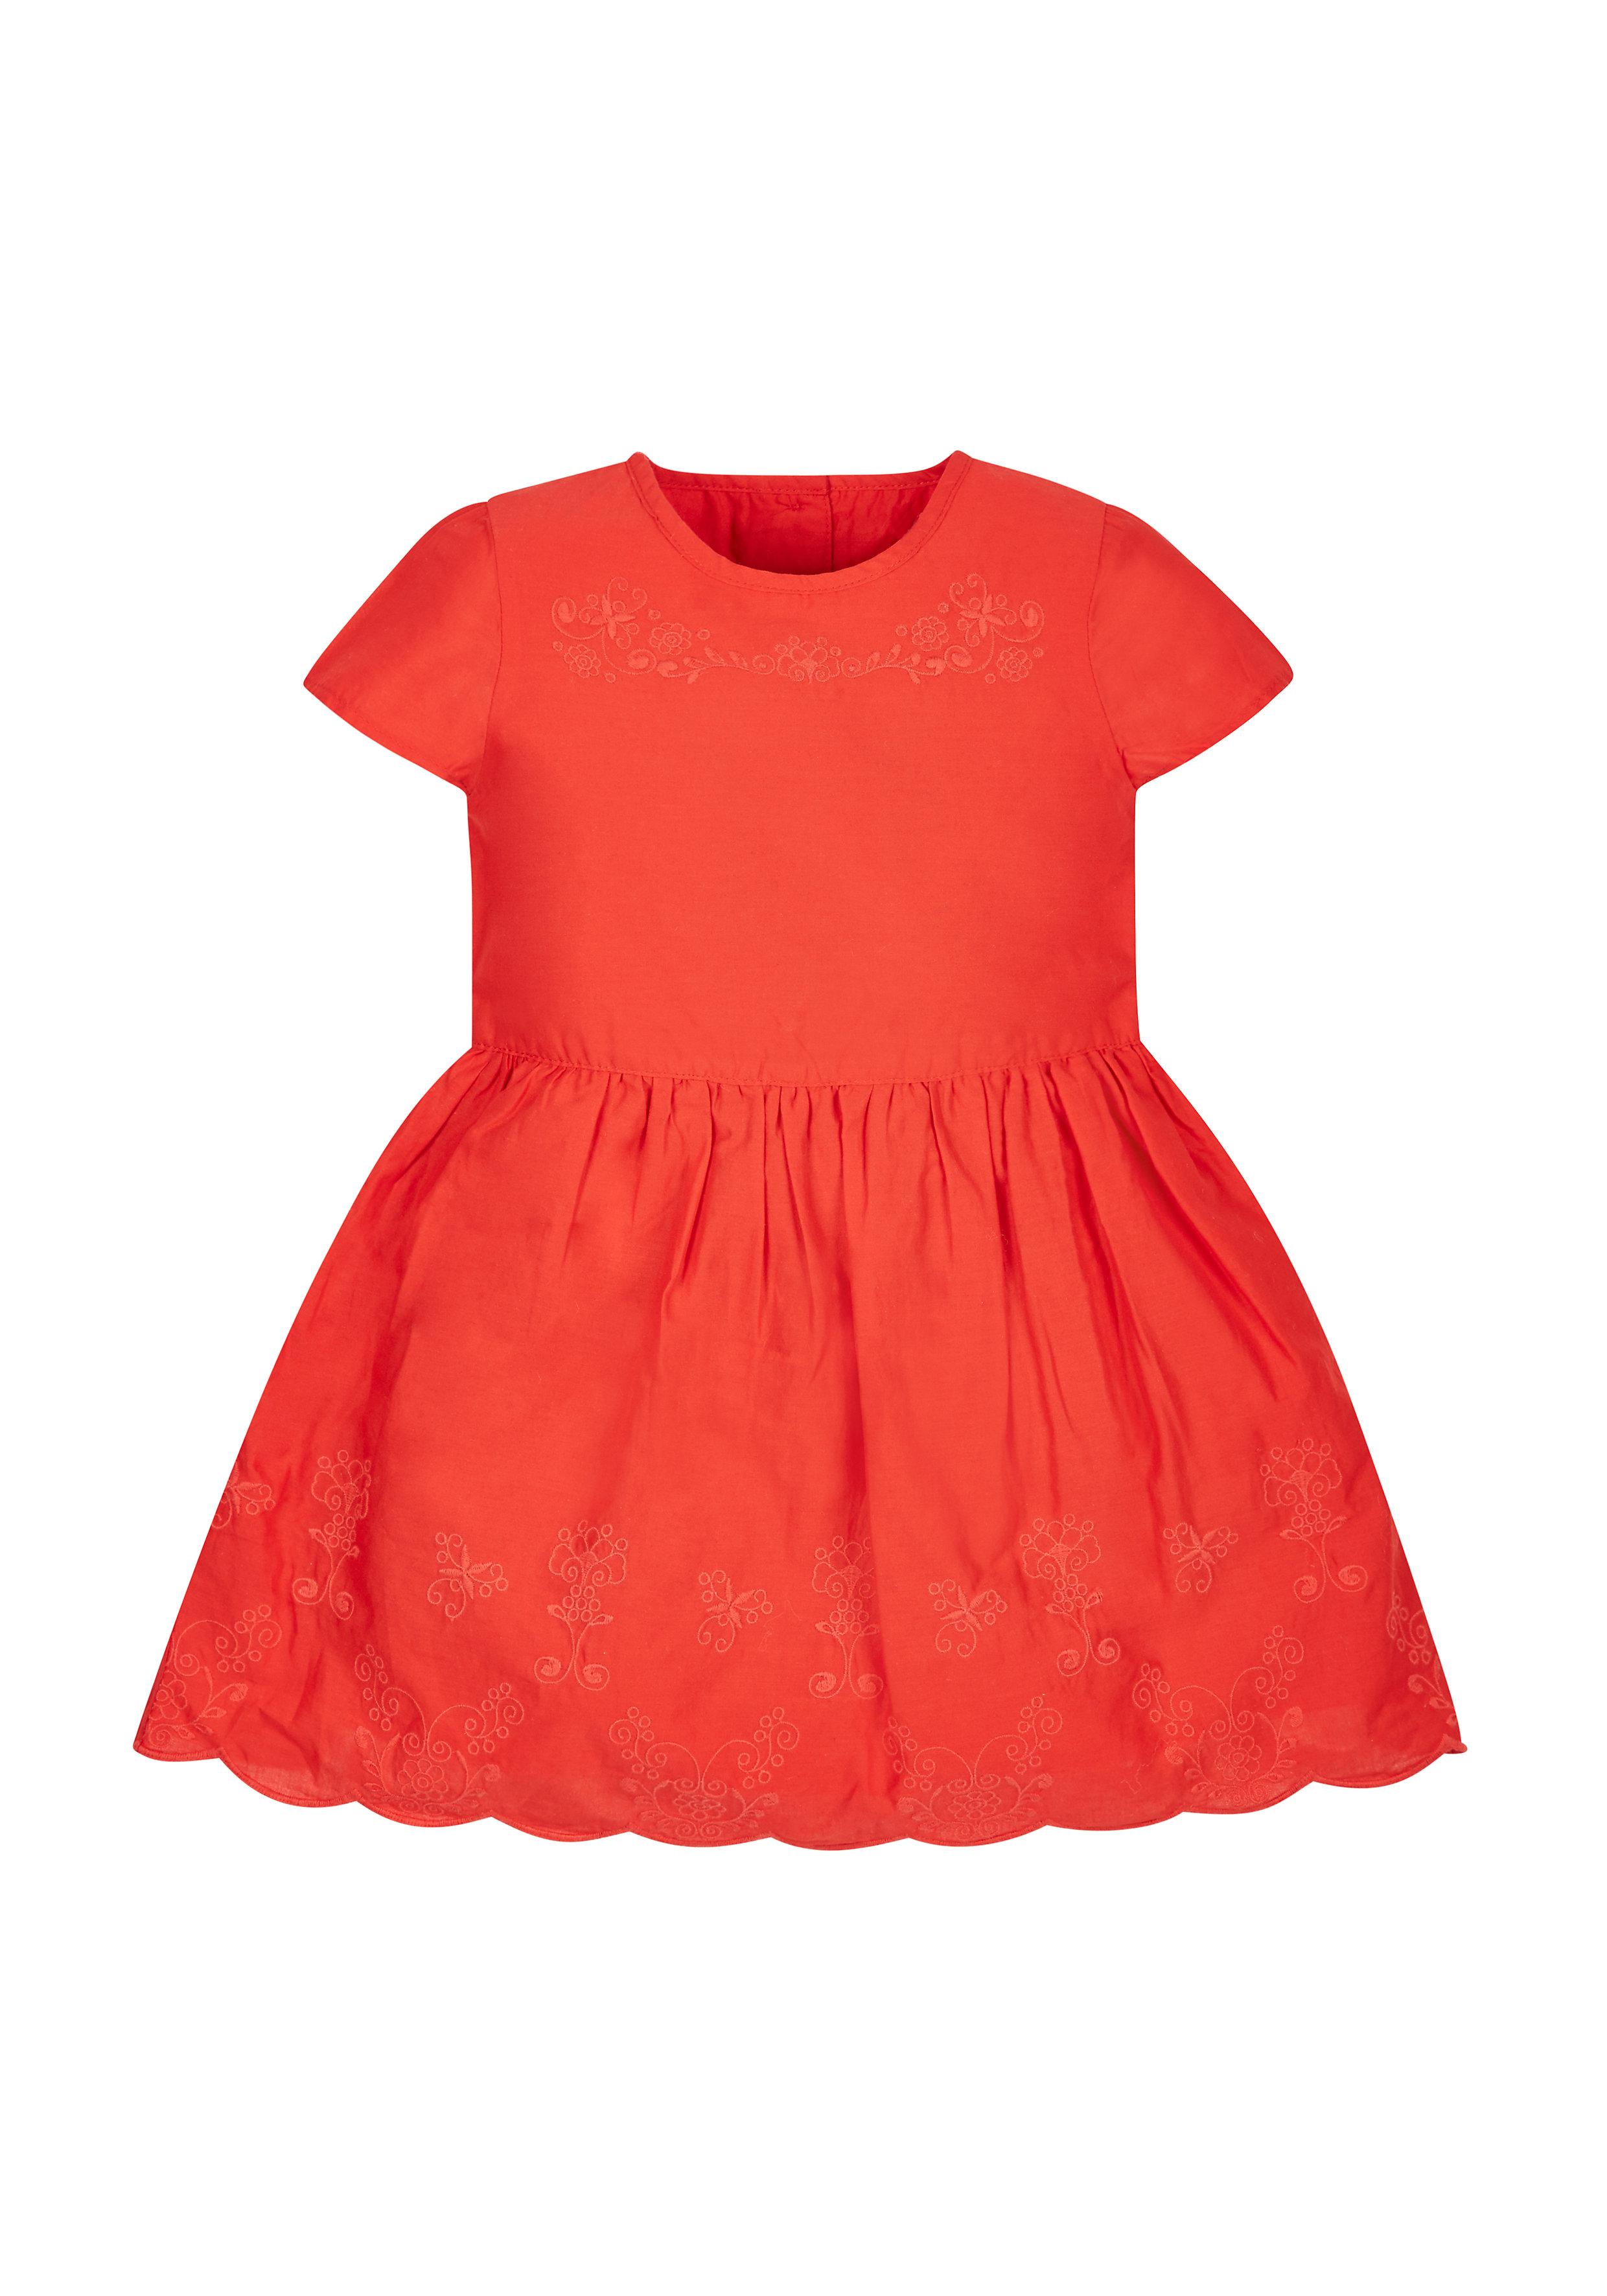 Mothercare | Girls Flower Embellished Dress - Red